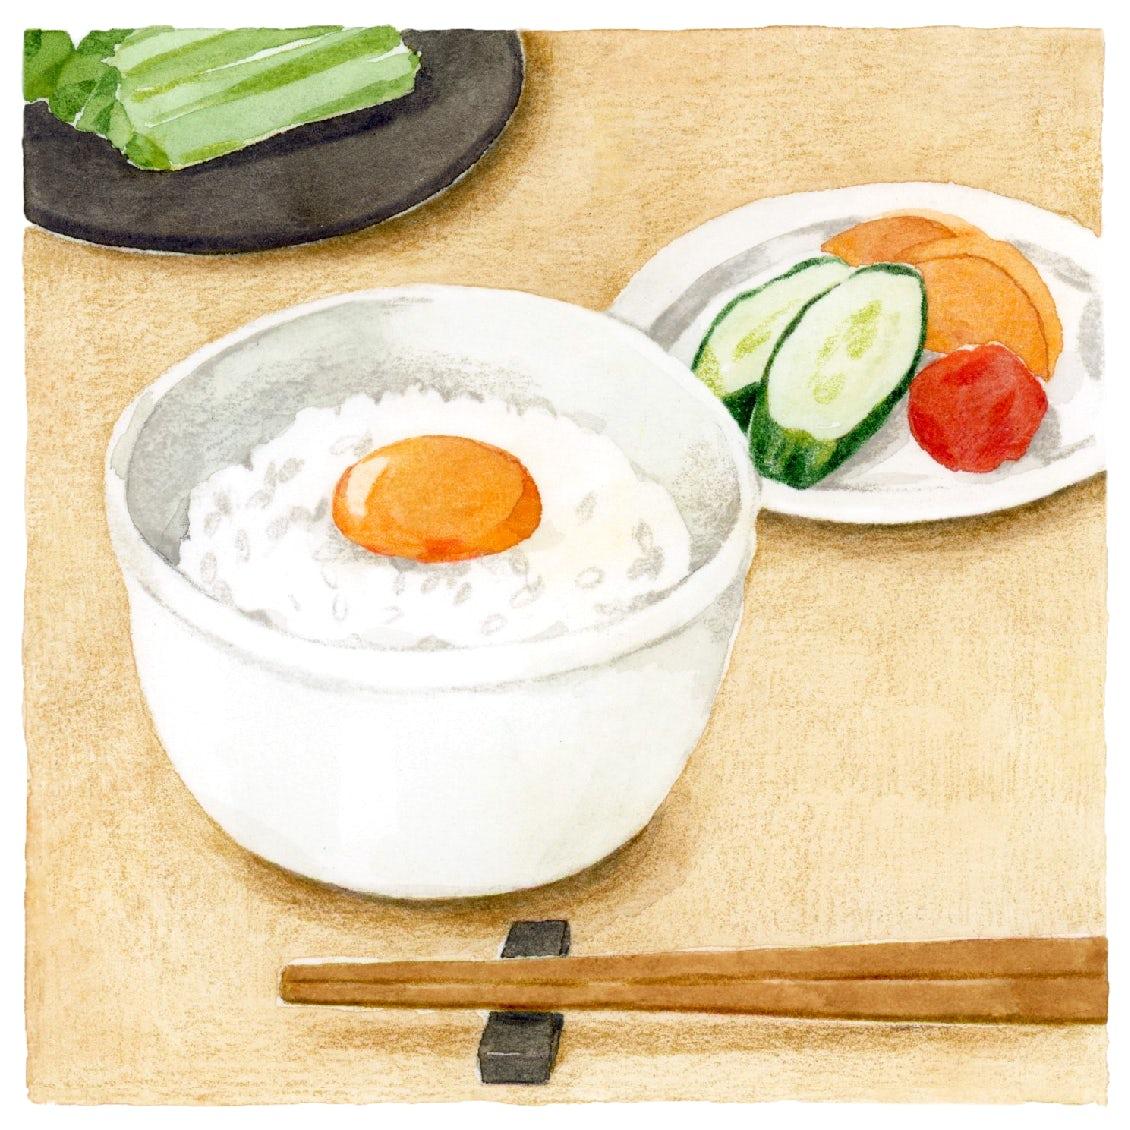 【もっと雑貨のはなしをしよう】おいしいご飯が食べたくて。日用品愛好家が選んだ伊賀焼の一膳おひつ